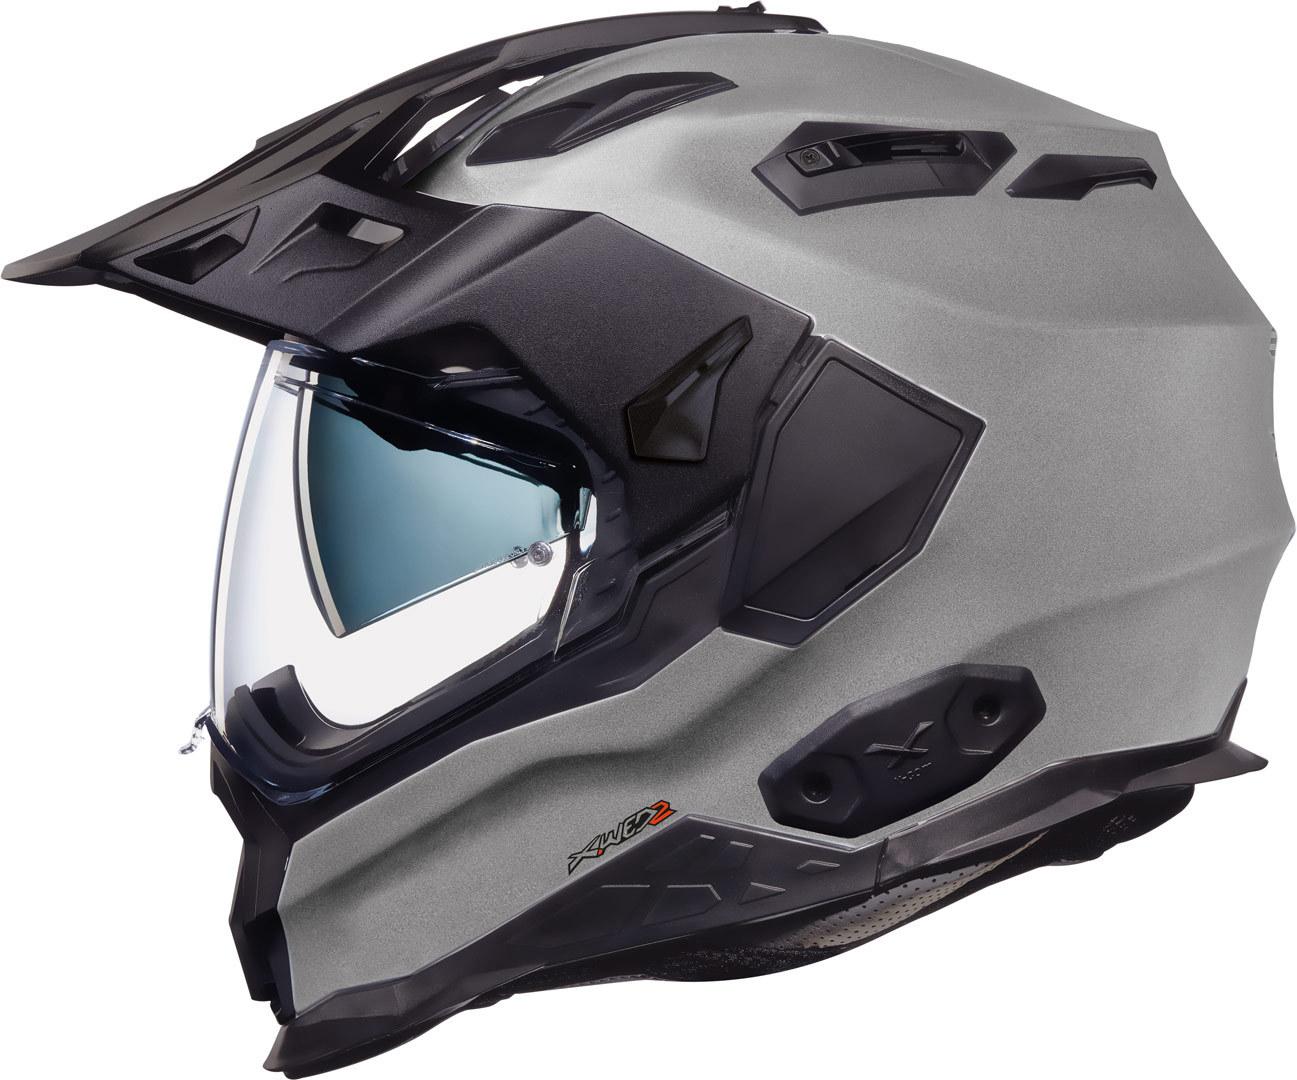 Nexx X.WED 2 Plain Helm, silber, Größe XS, silber, Größe XS